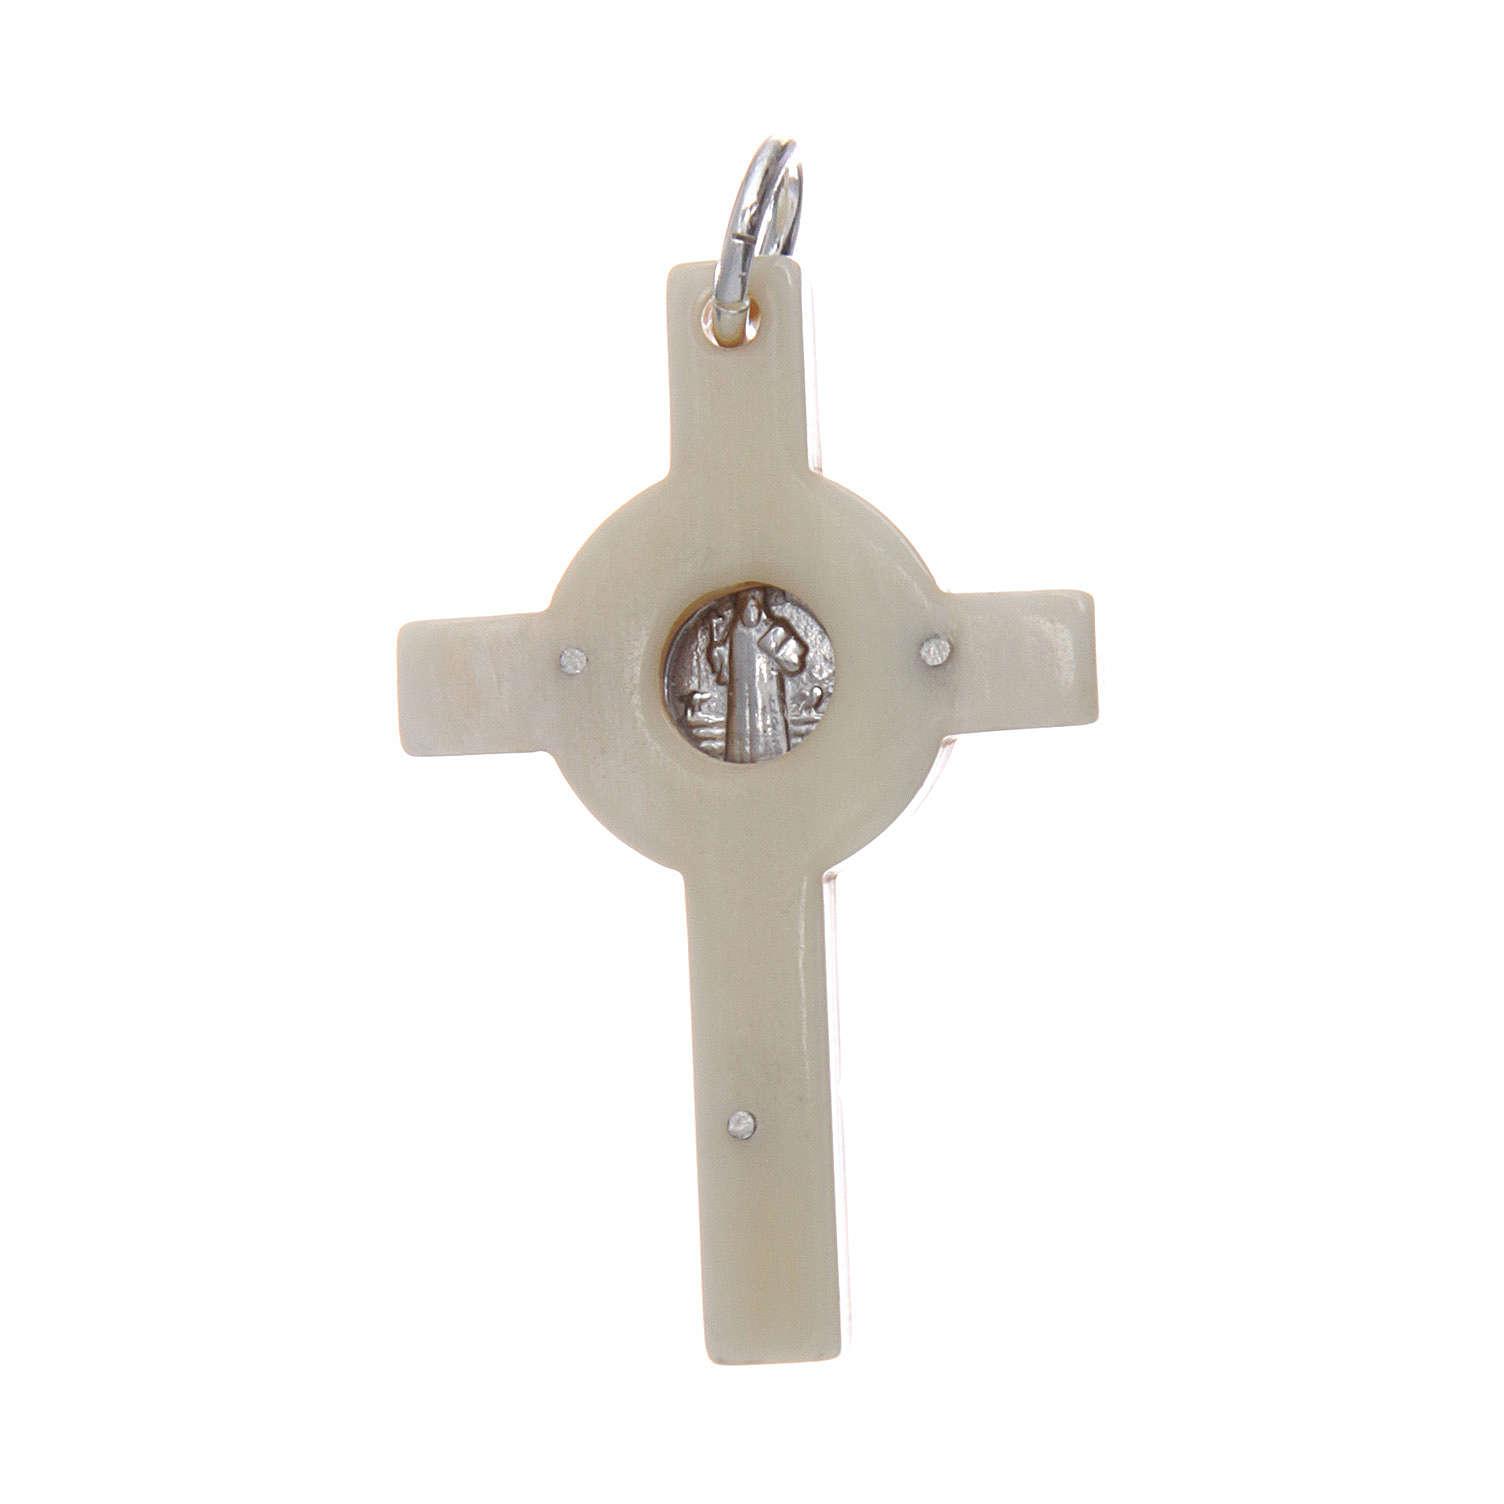 Croce in corno Cristo argento 925 medaglia S. Benedetto bianco 4